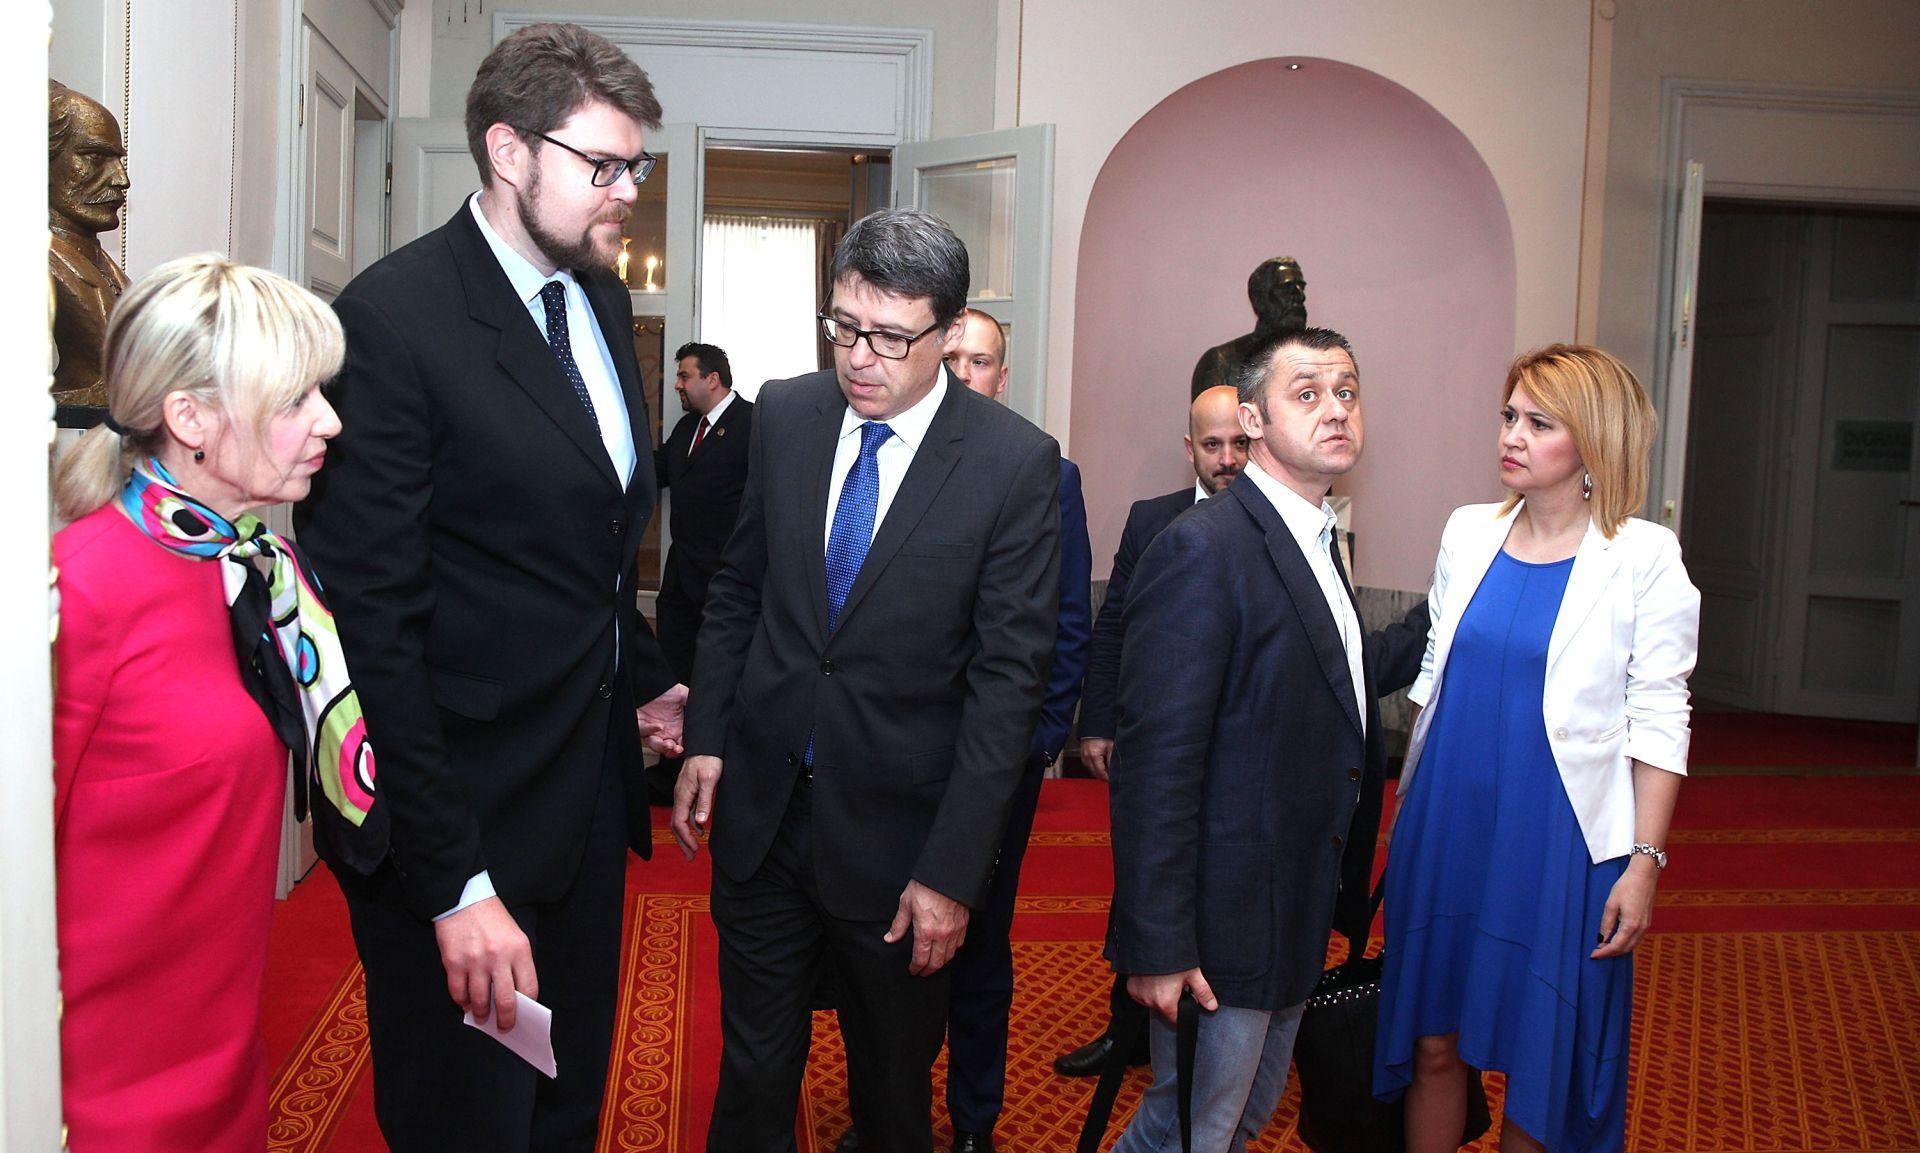 """GRBIN IZBAČEN IZ SABORNICE Dragovan: """"To pokazuje jednu izuzetnu nervozu u HDZ-u i vladajućoj koaliciji"""""""